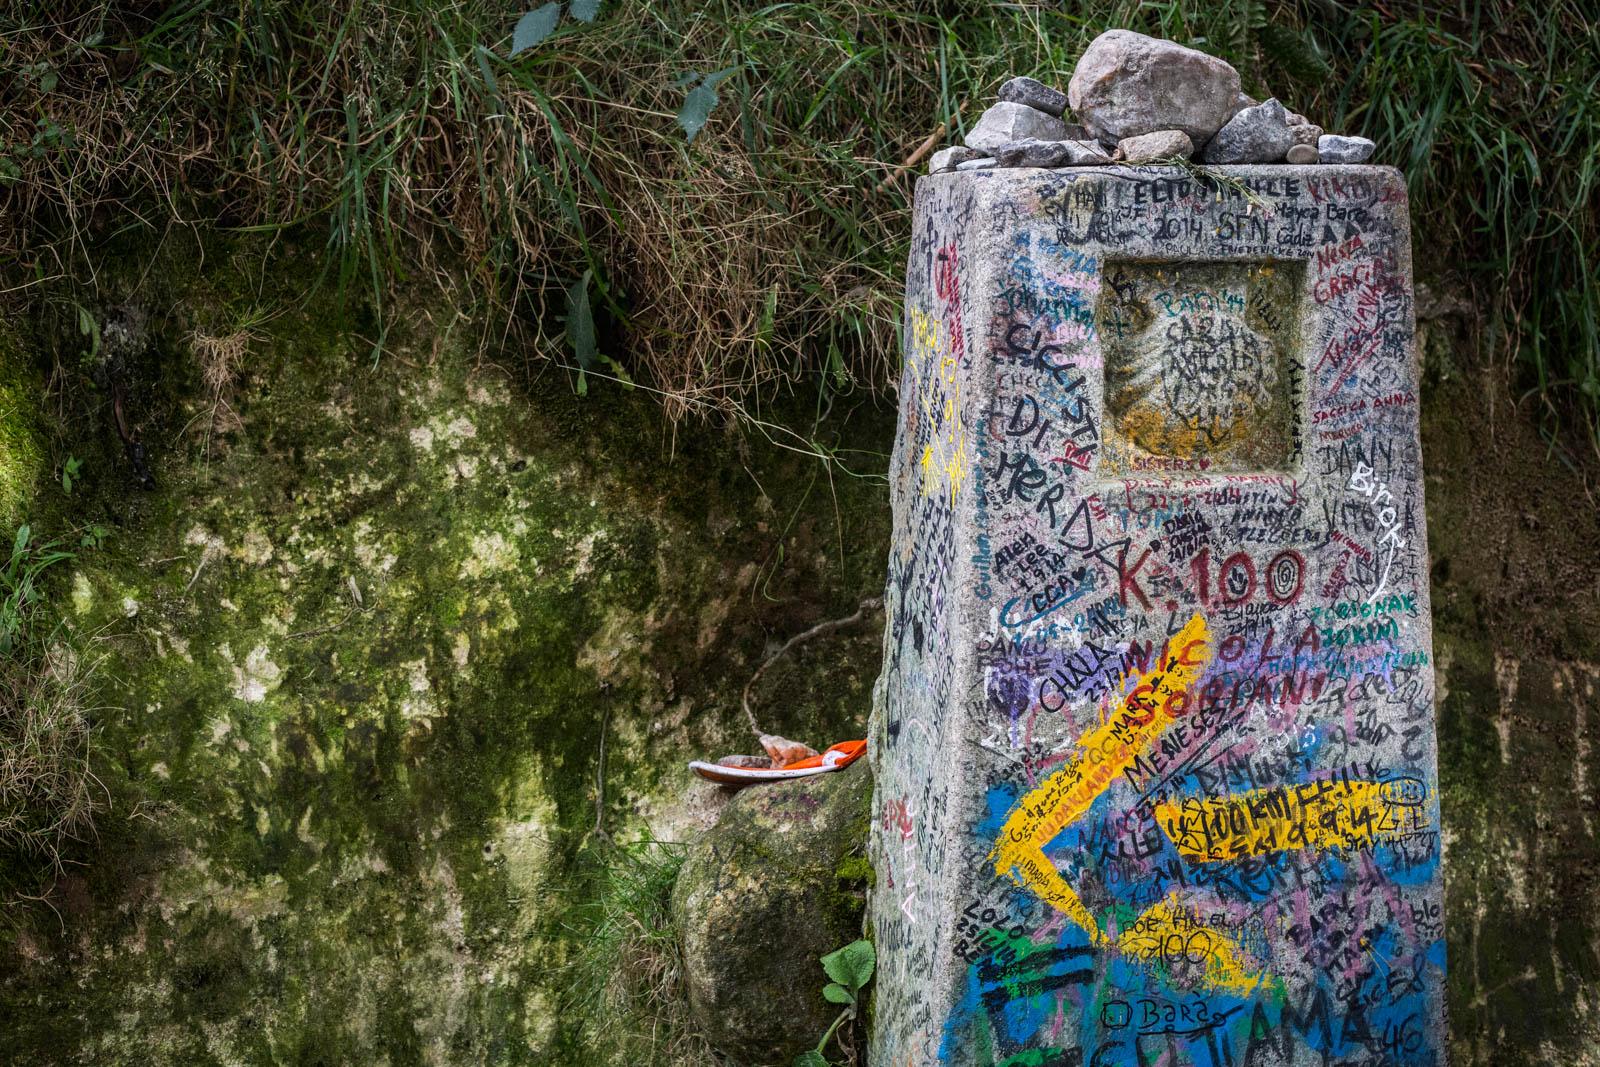 El verdadero punto kilométrico 100... y ejemplo de como no se deben vandalizar los elementos históricos!